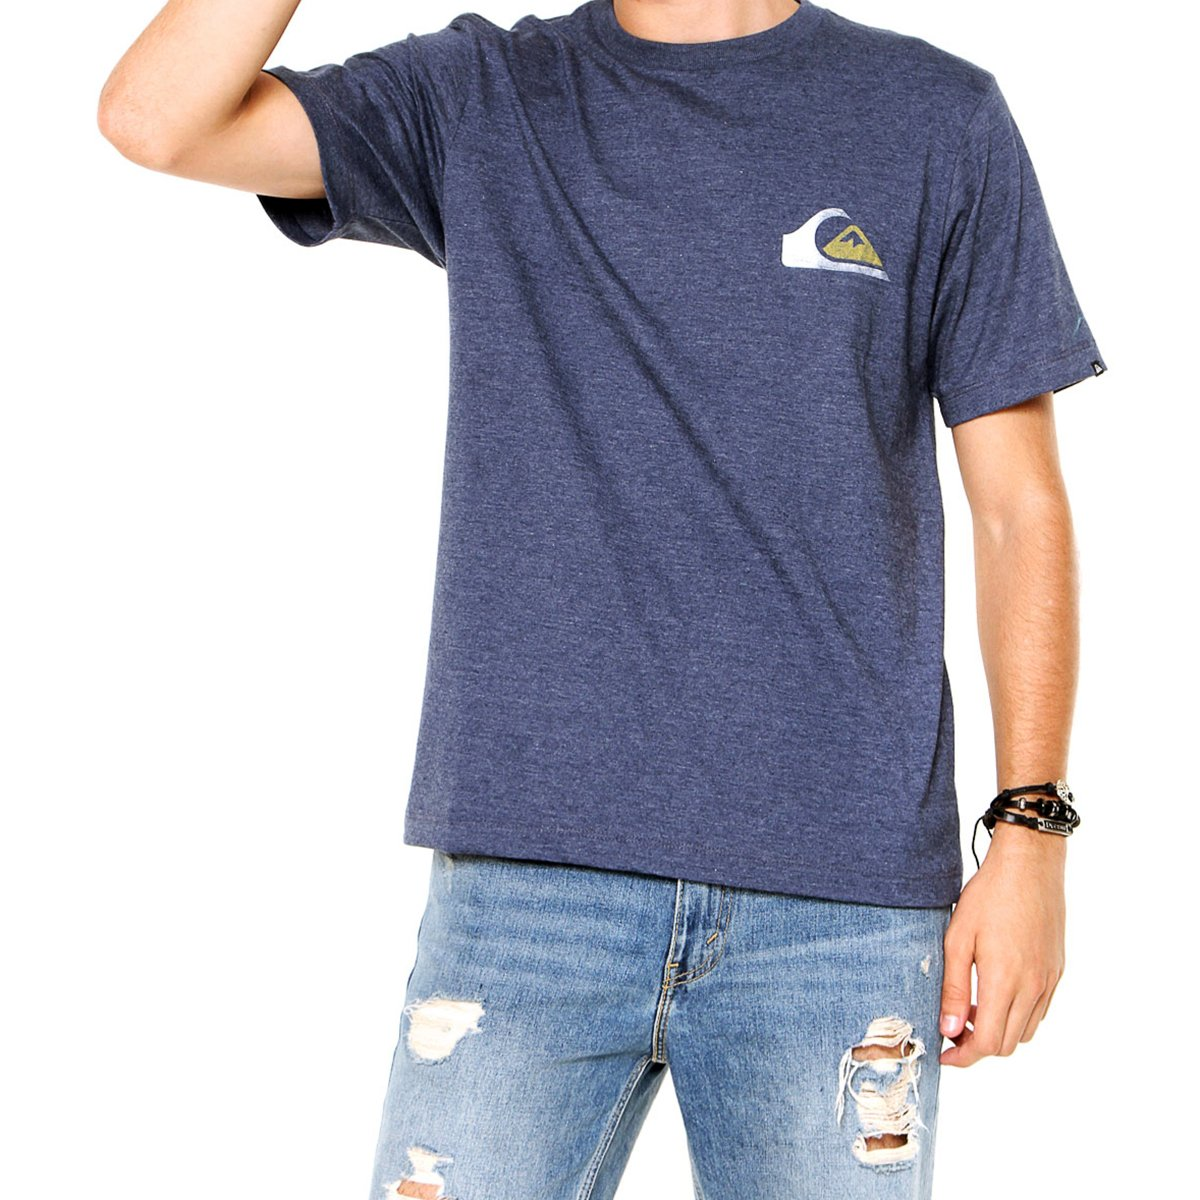 Camiseta Quiksilver Cracked Masculina - Marinho